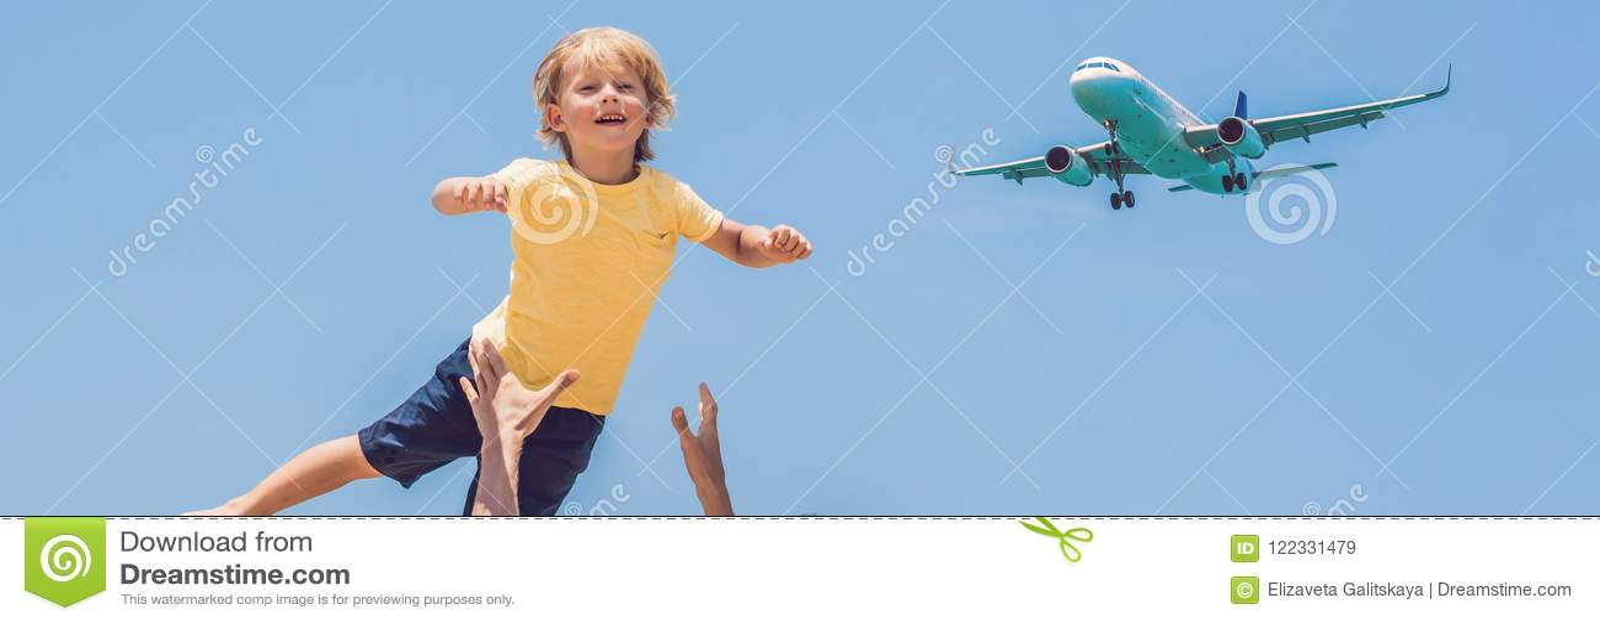 O pai e o filho têm o divertimento na praia que olham os planos de aterrissagem Viajando em um avião com a BANDEIRA do conceito d